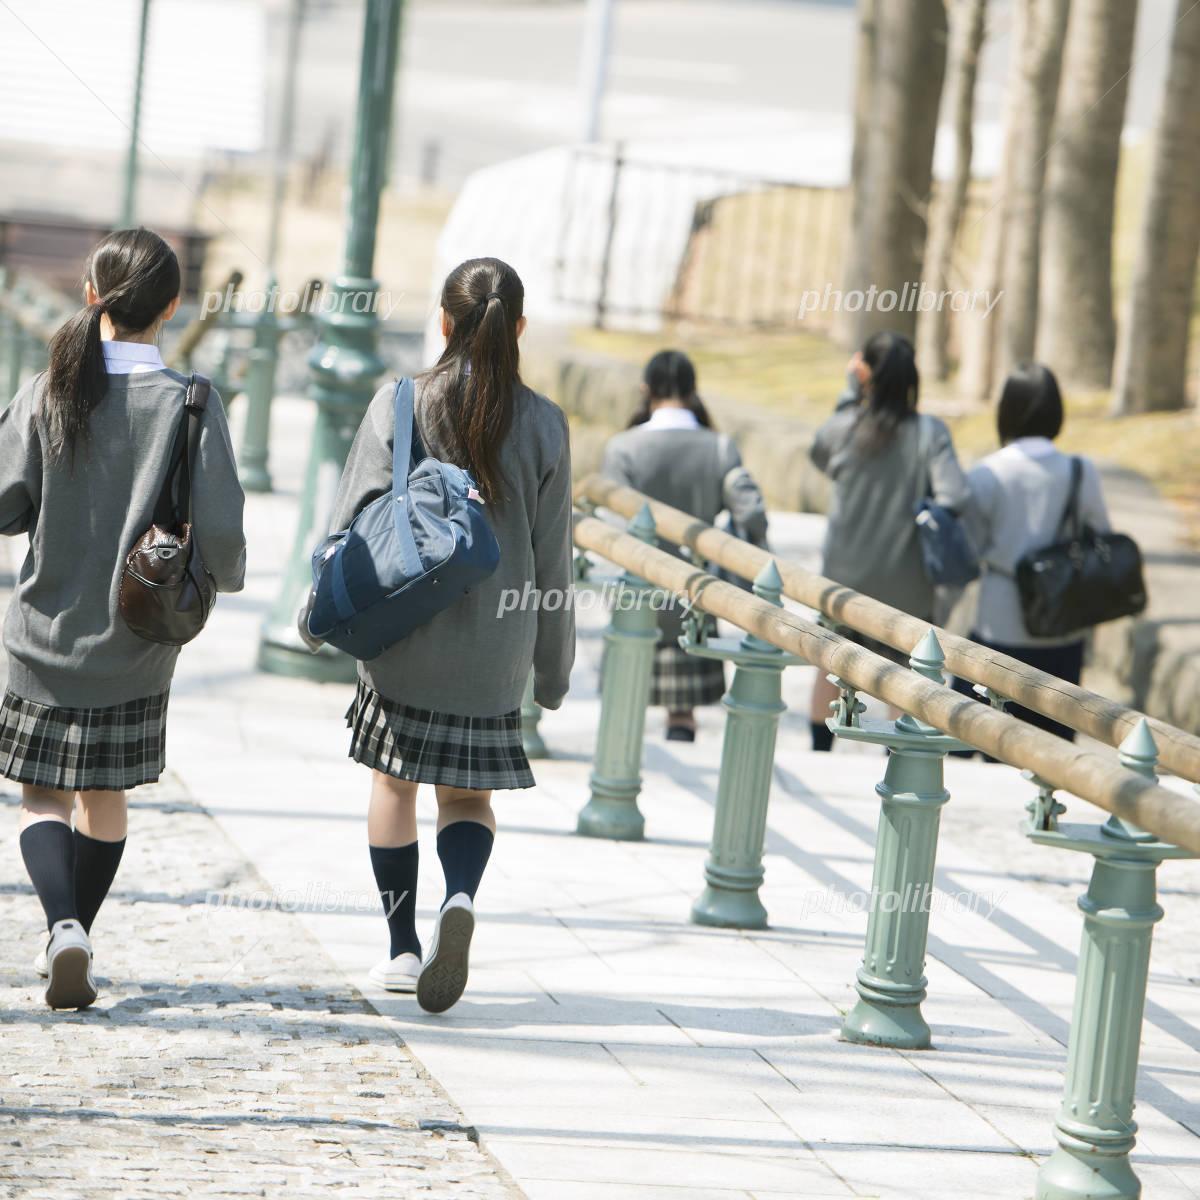 中学生の通学風景の写真